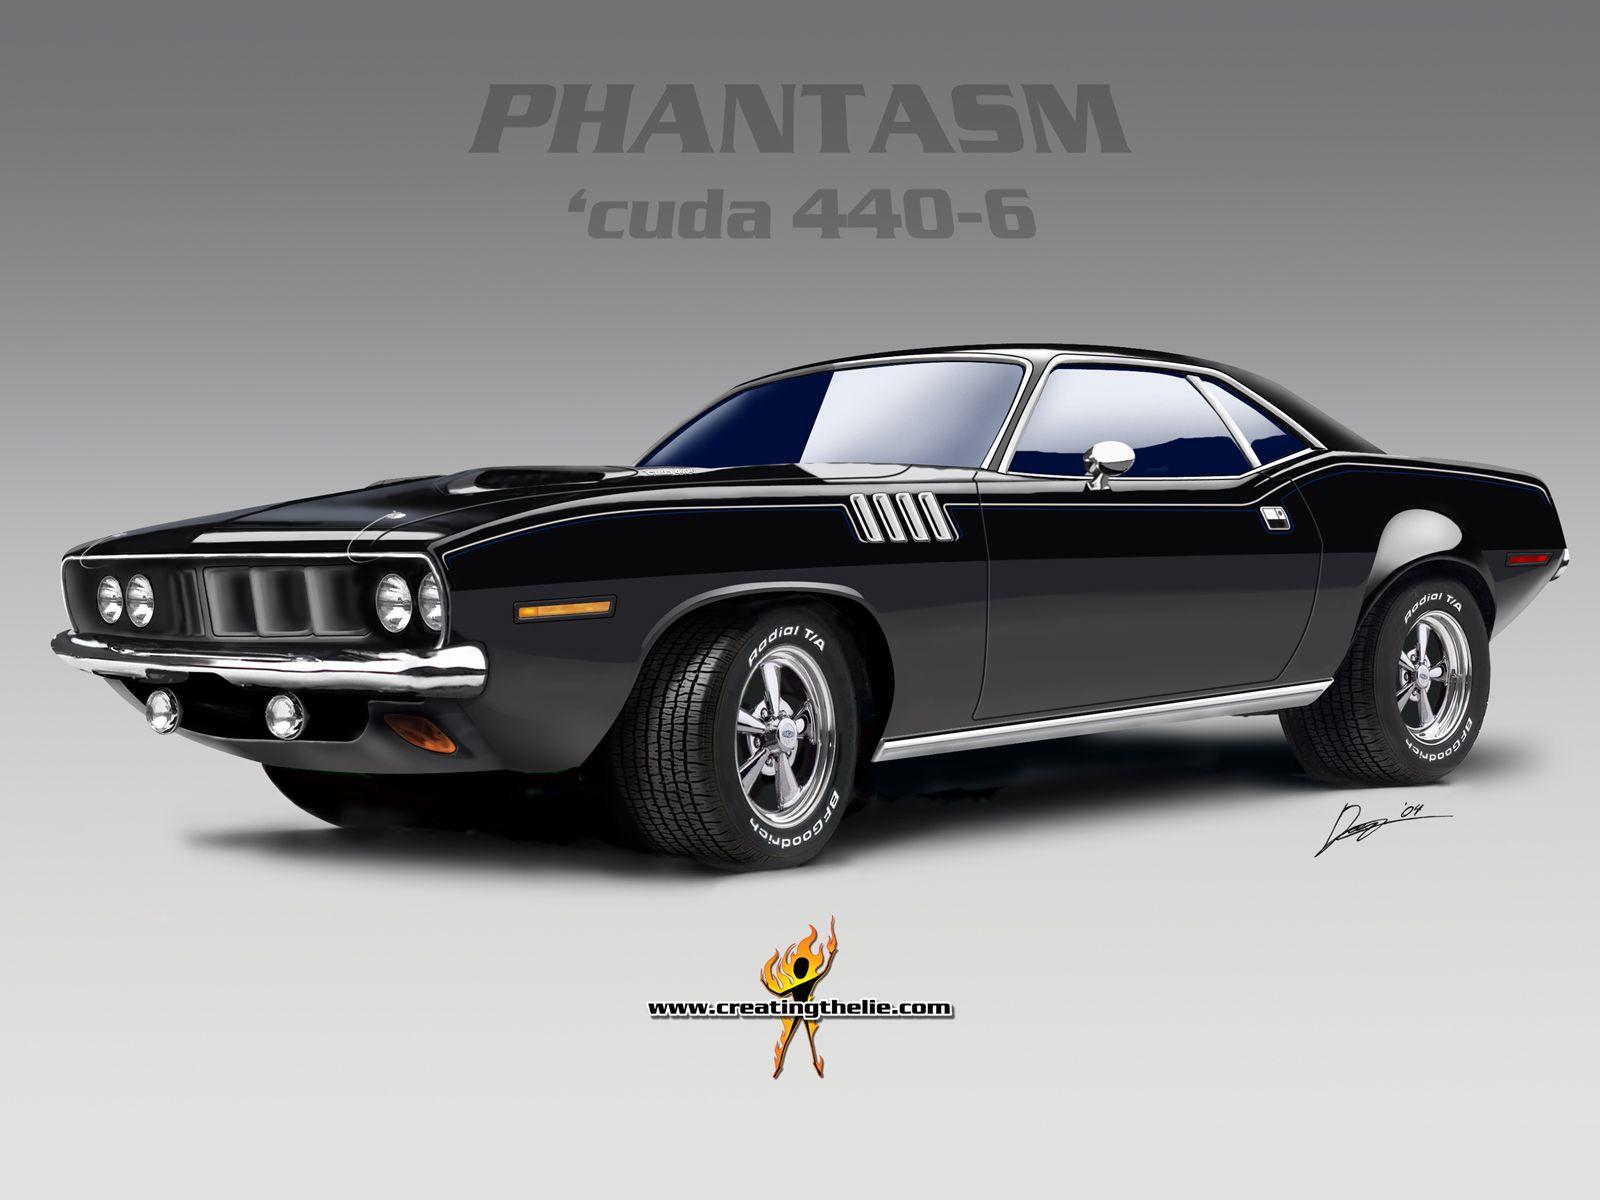 Phantasm Cuda 440 Six Pak Mopar Muscle Cars Muscle Cars Classic Cars Muscle